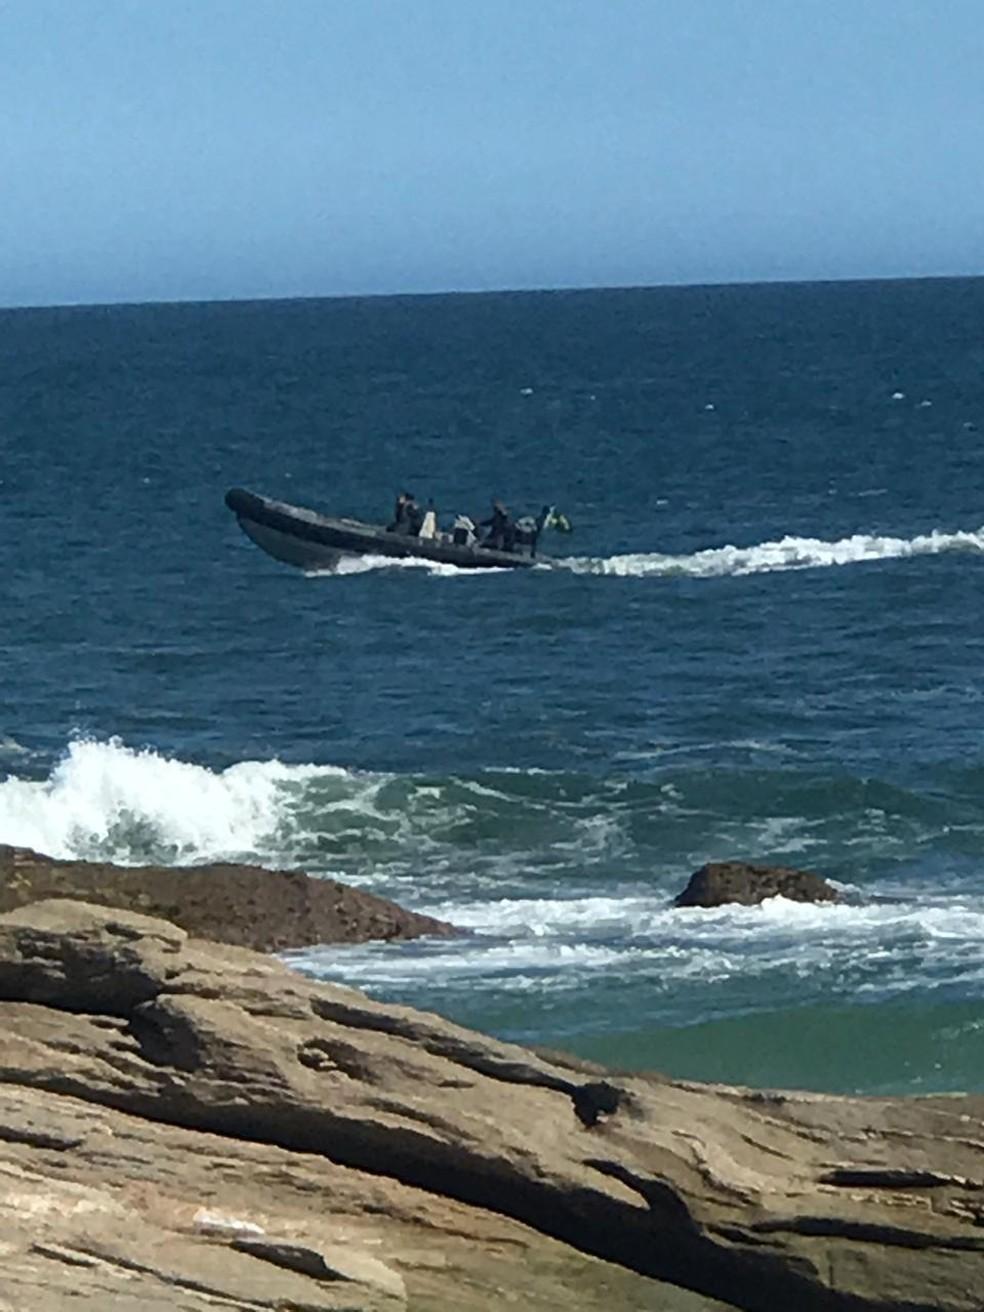 Marinha participou das buscas em Saquarema, no RJ  — Foto: Corpo de Bombeiros/ Divulgação